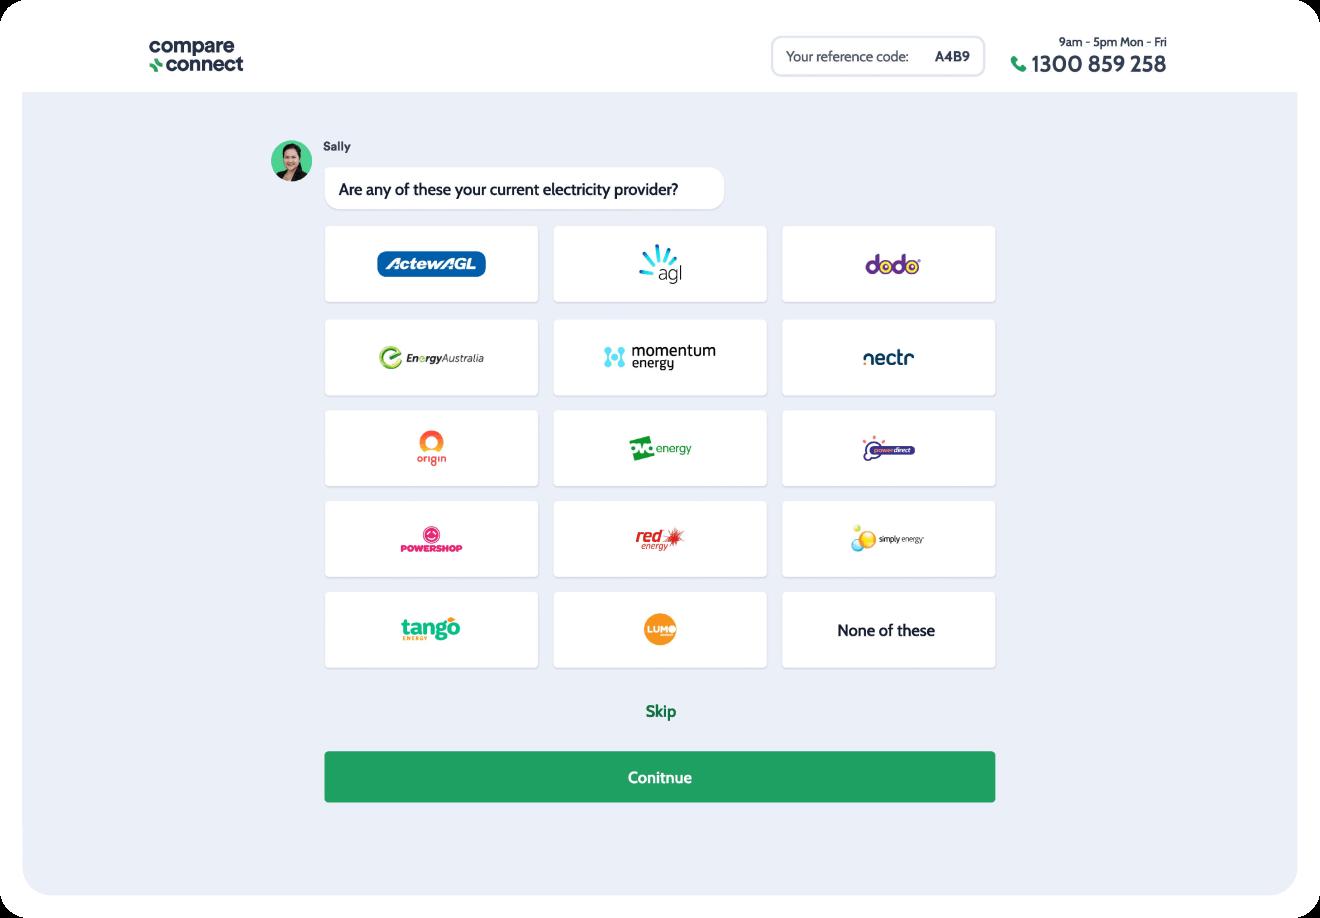 Compare & Connect UX/UI